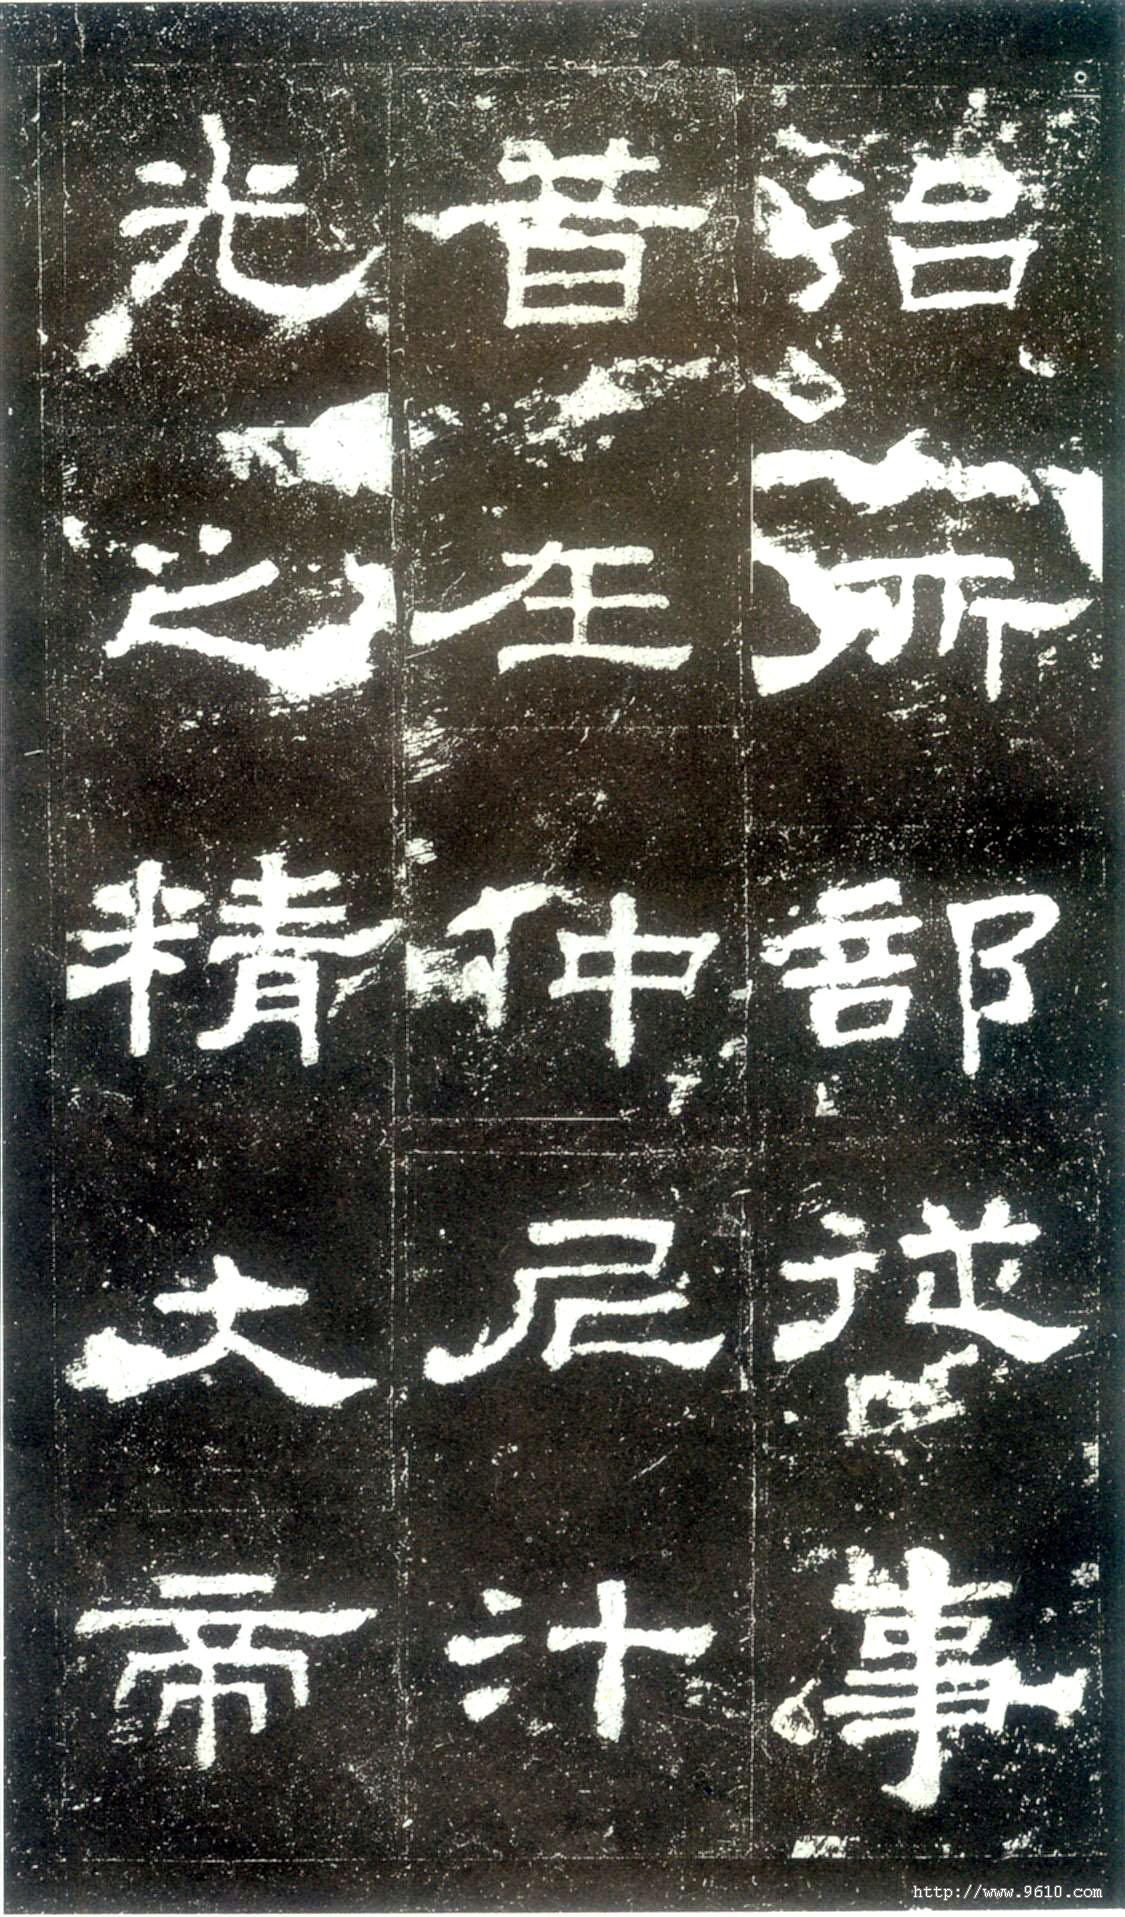 史晨前碑(全) - 香儿 - xianger